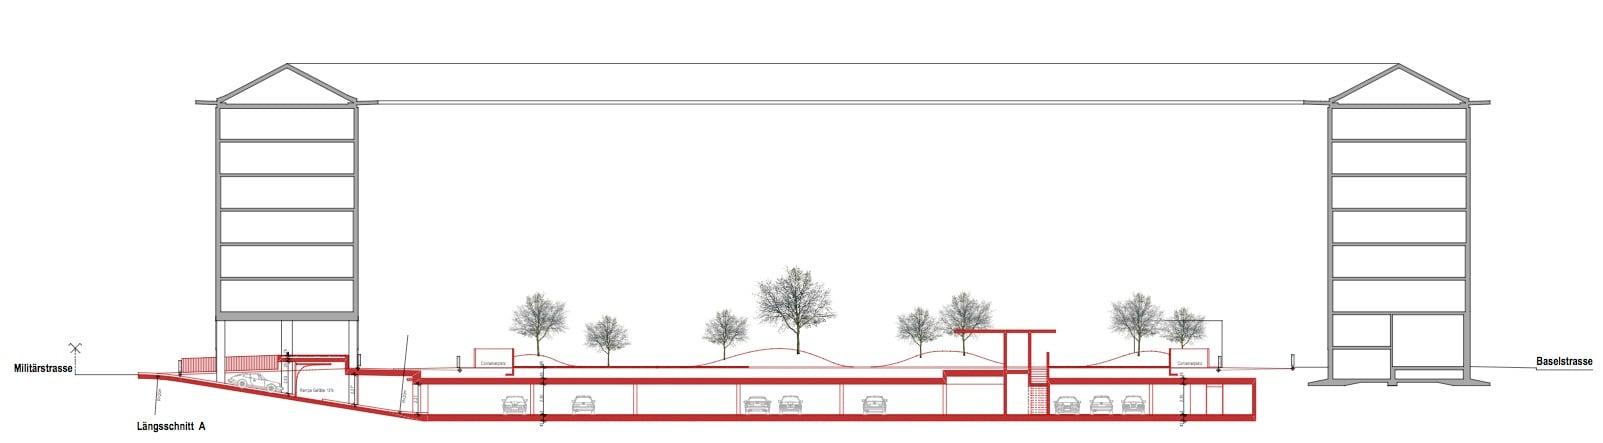 Querschnitt durch die geplante Tiefgarage unter dem Sentihof.